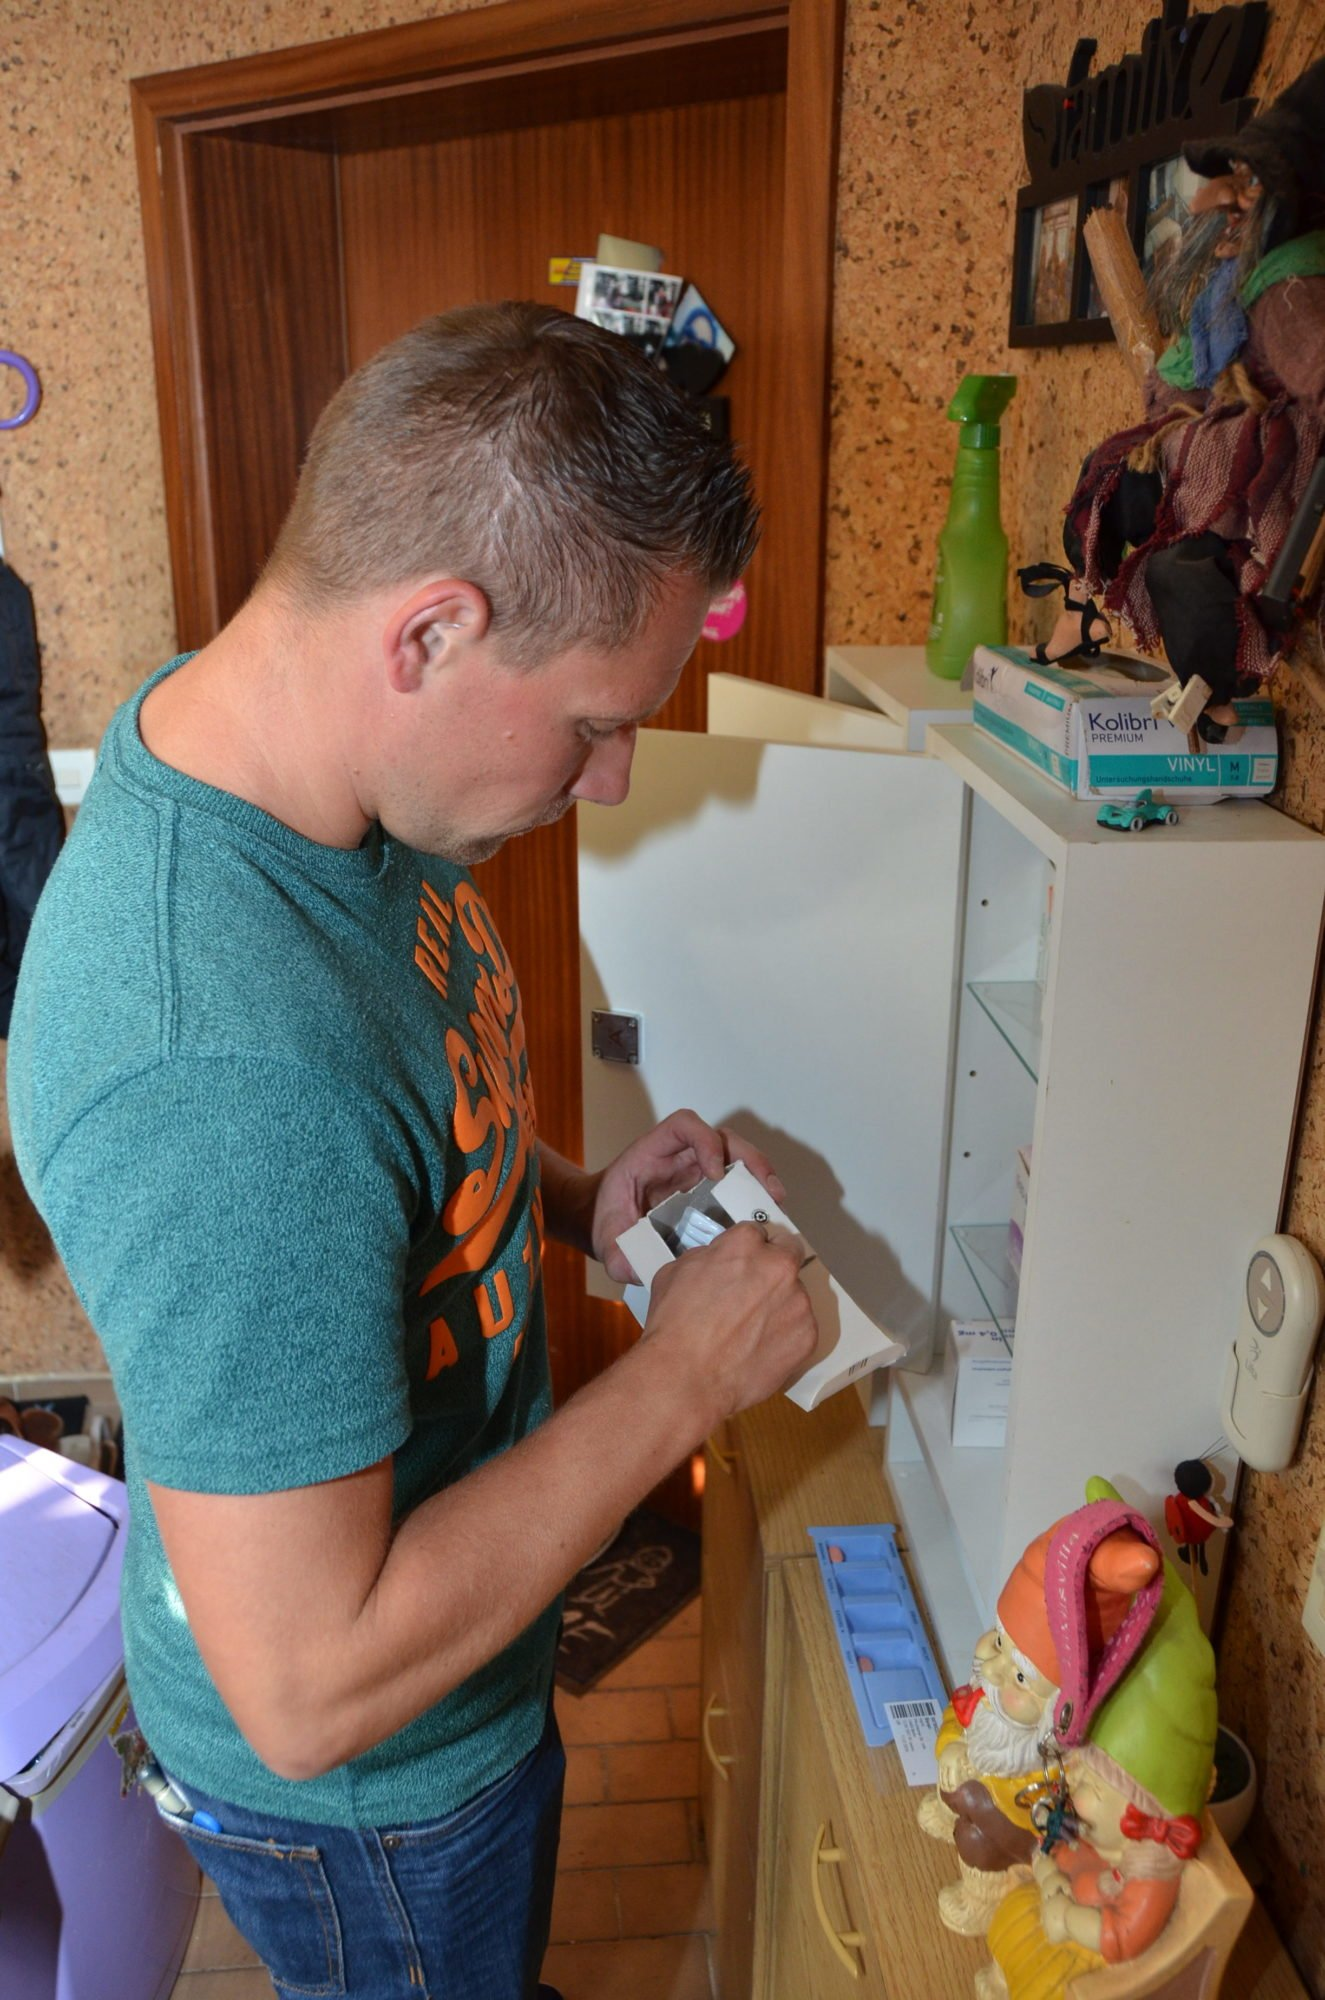 Marco steht in einem Hausflur an einem Medikamentenschrank und öffnet eine Schachtel.